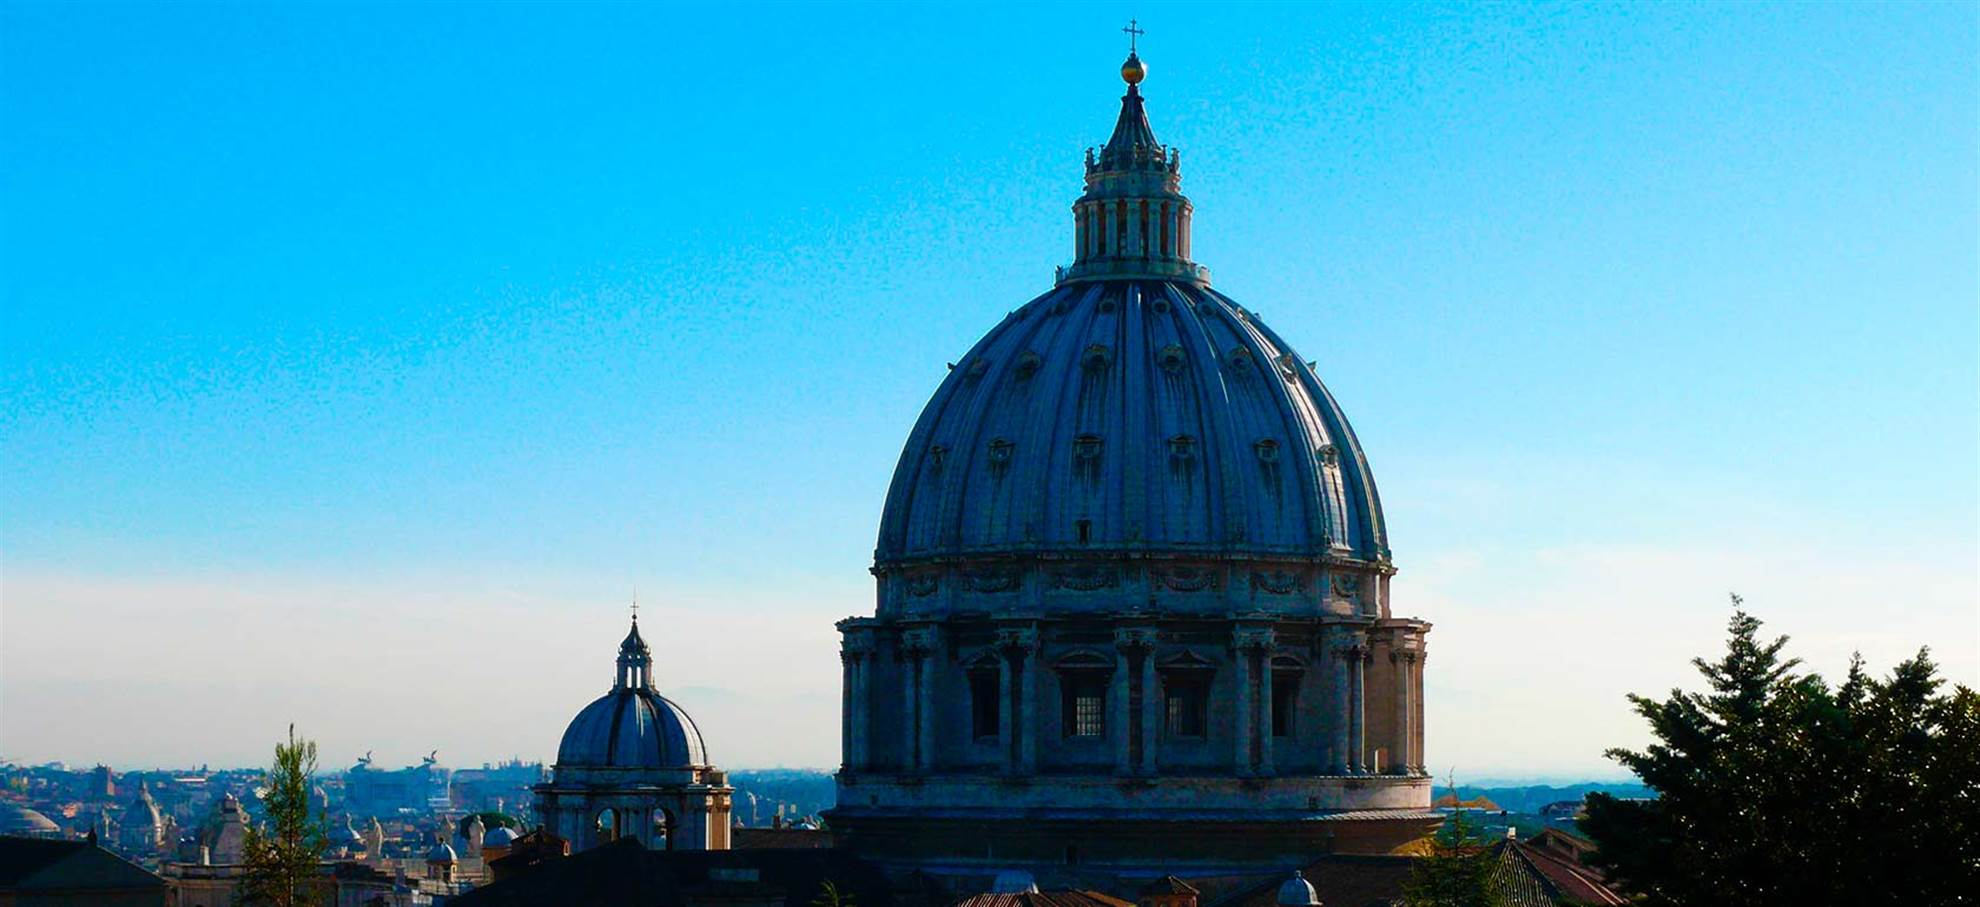 Тур на купол Собора Св. Петра